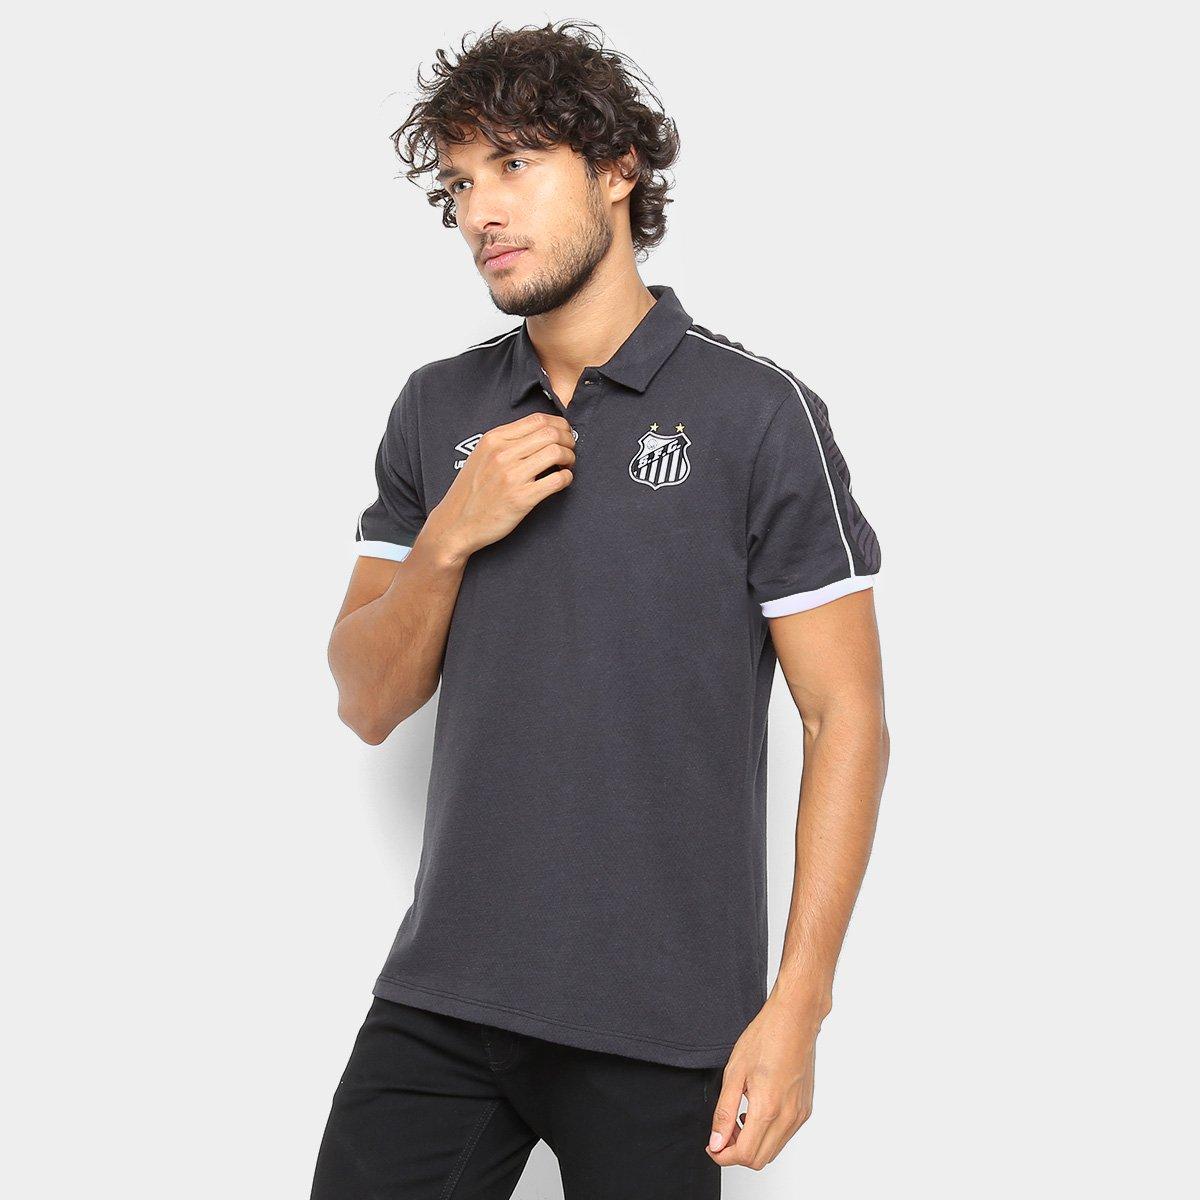 0cbc1e44d205f Camisa Polo Santos 2019 Viagem Umbro Masculina - Preto e Branco - Compre  Agora